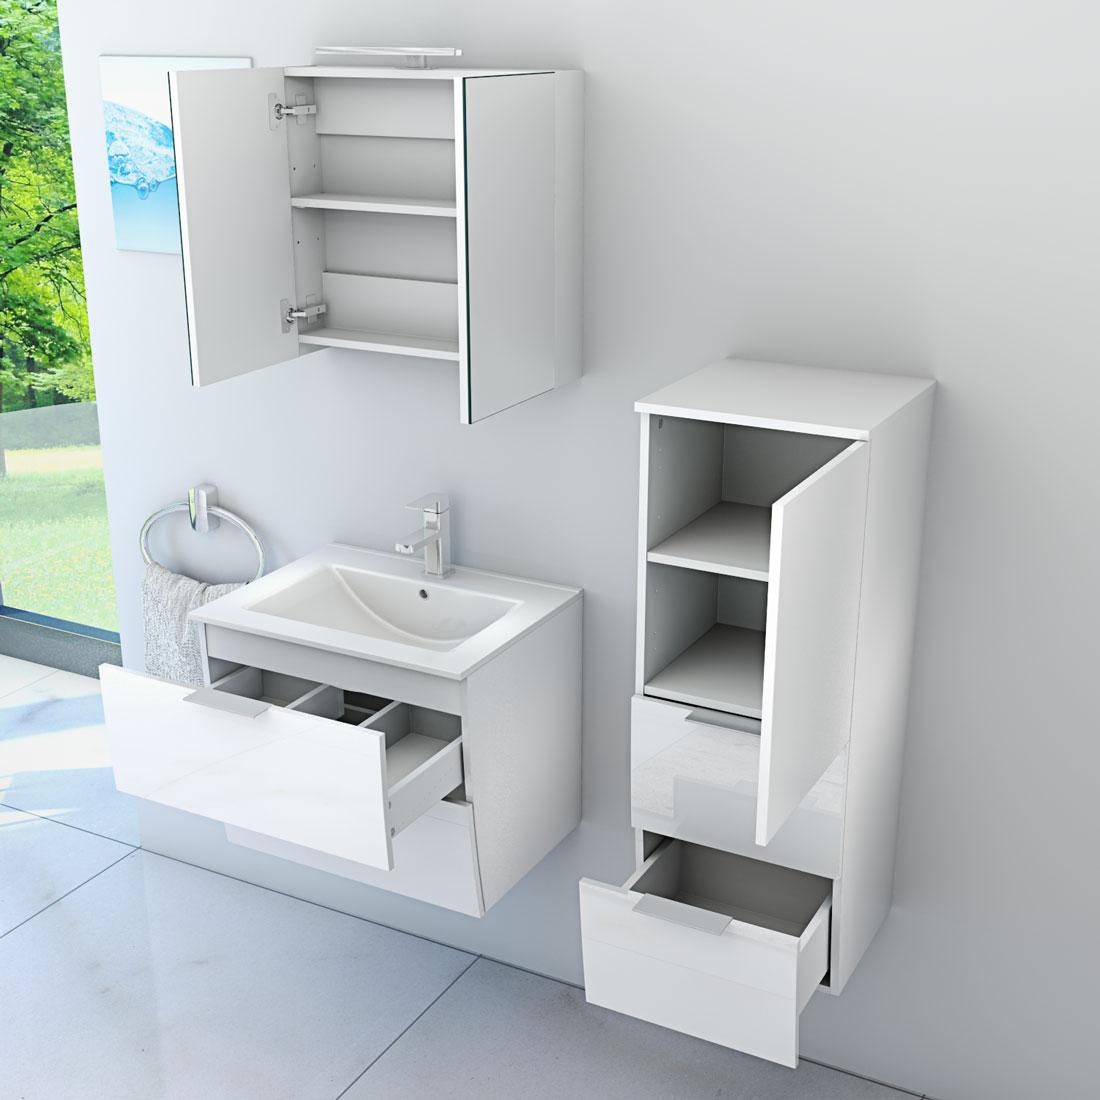 badm bel set gently 2 v2 r hochglanz wei badezimmerm bel waschtisch 60cm. Black Bedroom Furniture Sets. Home Design Ideas